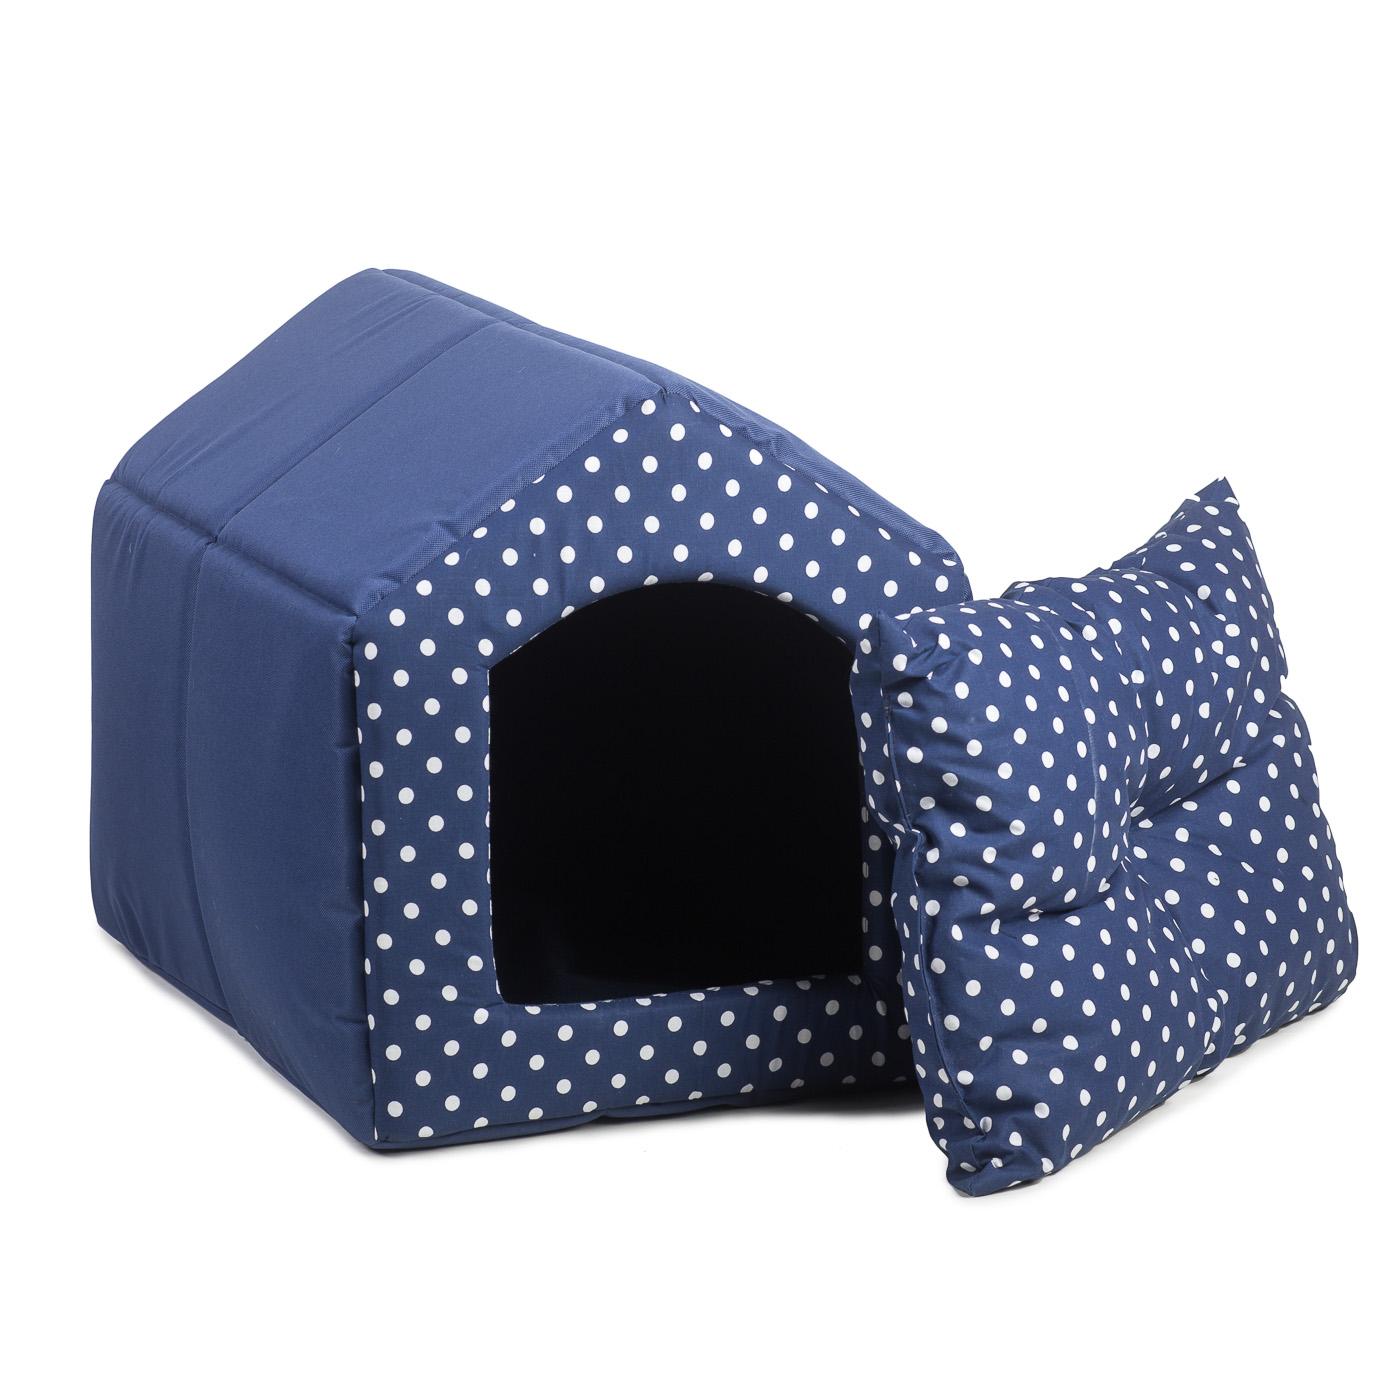 Bouda pro psy 2v1, no. 30, modrá s puntíky, vel.1